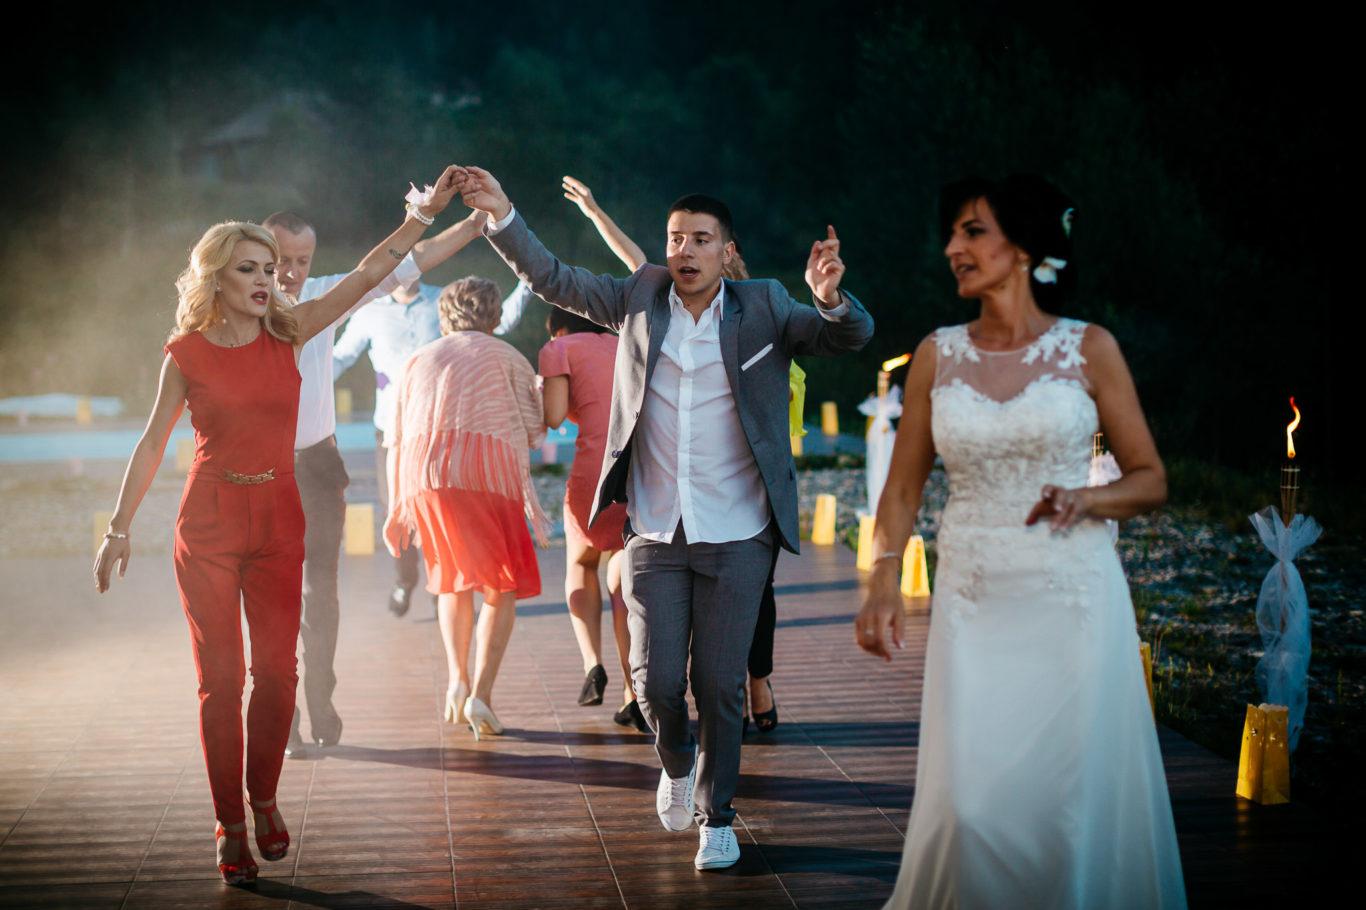 0540-fotografie-nunta-valea-de-pesti-vero-dani-fotograf-ciprian-dumitrescu-dc1_1415